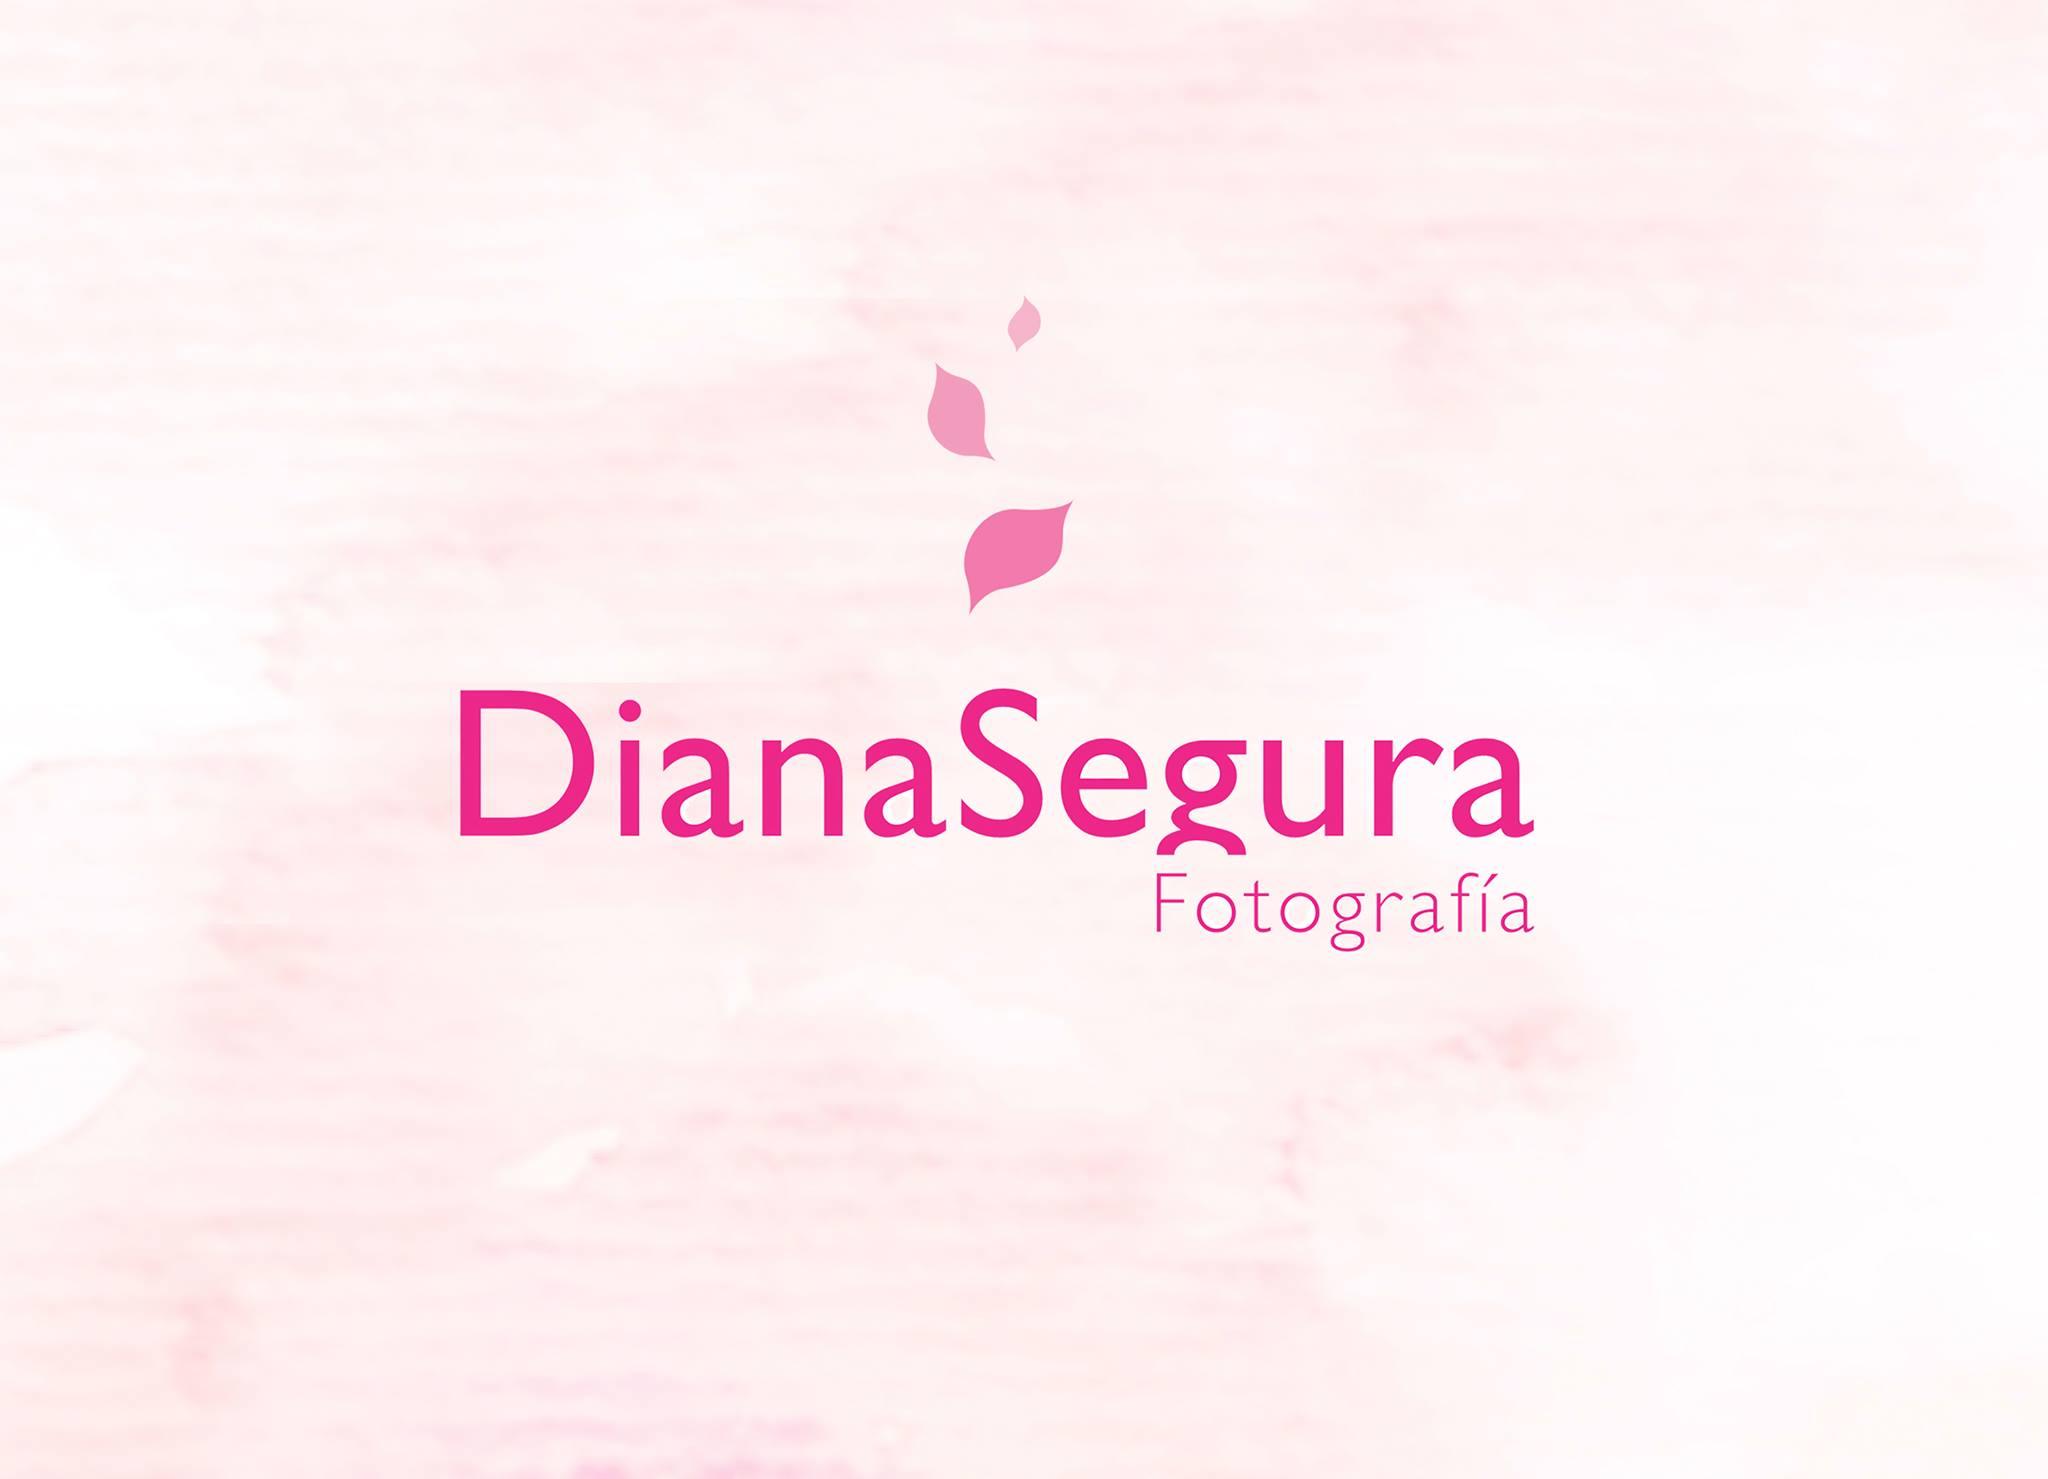 Diana Segura Fotografía